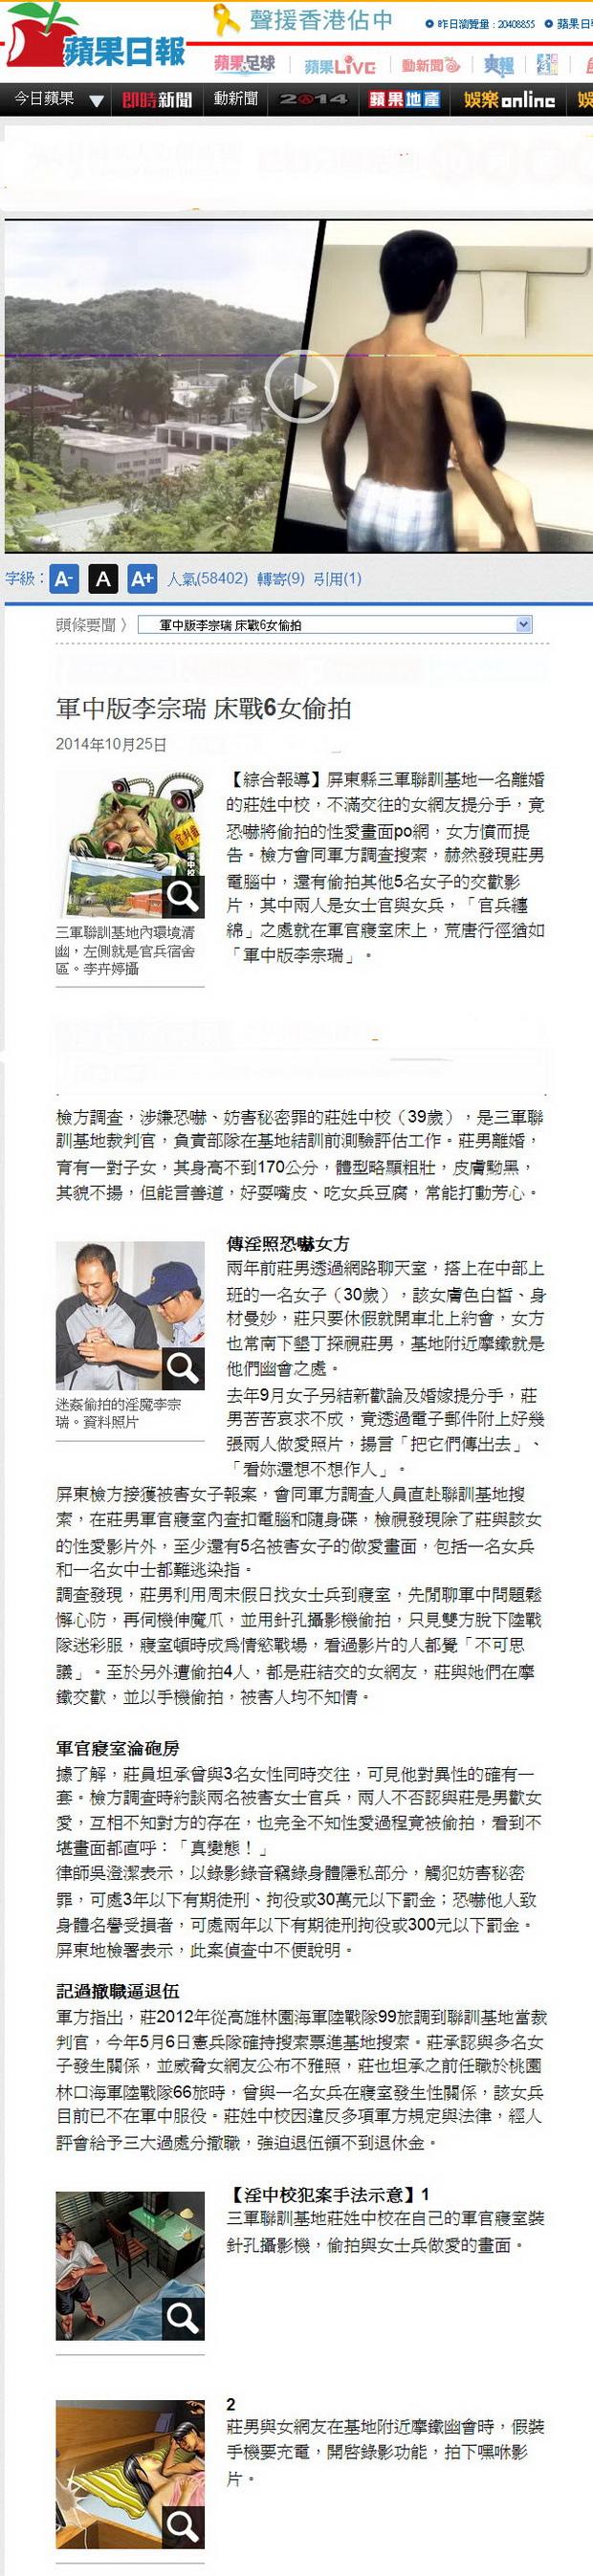 軍中版李宗瑞 床戰6女偷拍-2014.10.25.jpg